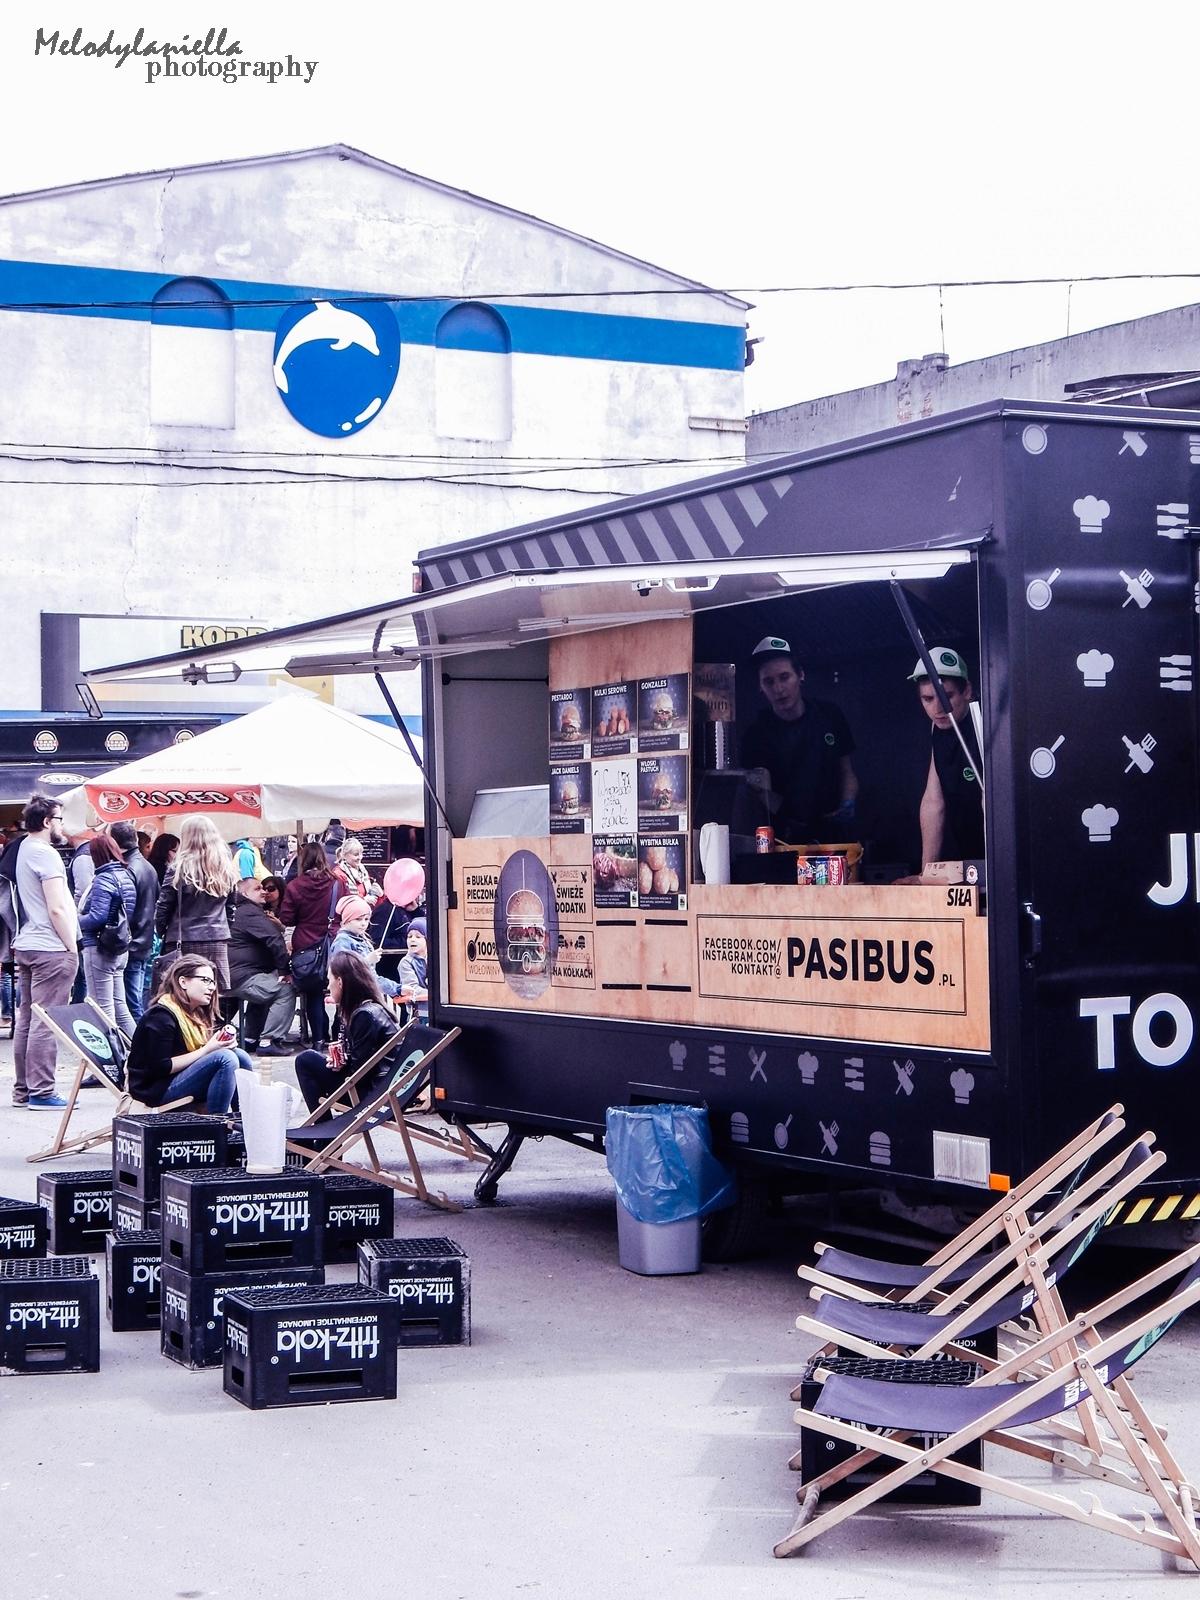 24 street food festival łódź piotrkowska 217 foodtruck jedzenie piwo wino burgery frytki cydr foodtruck pasibus